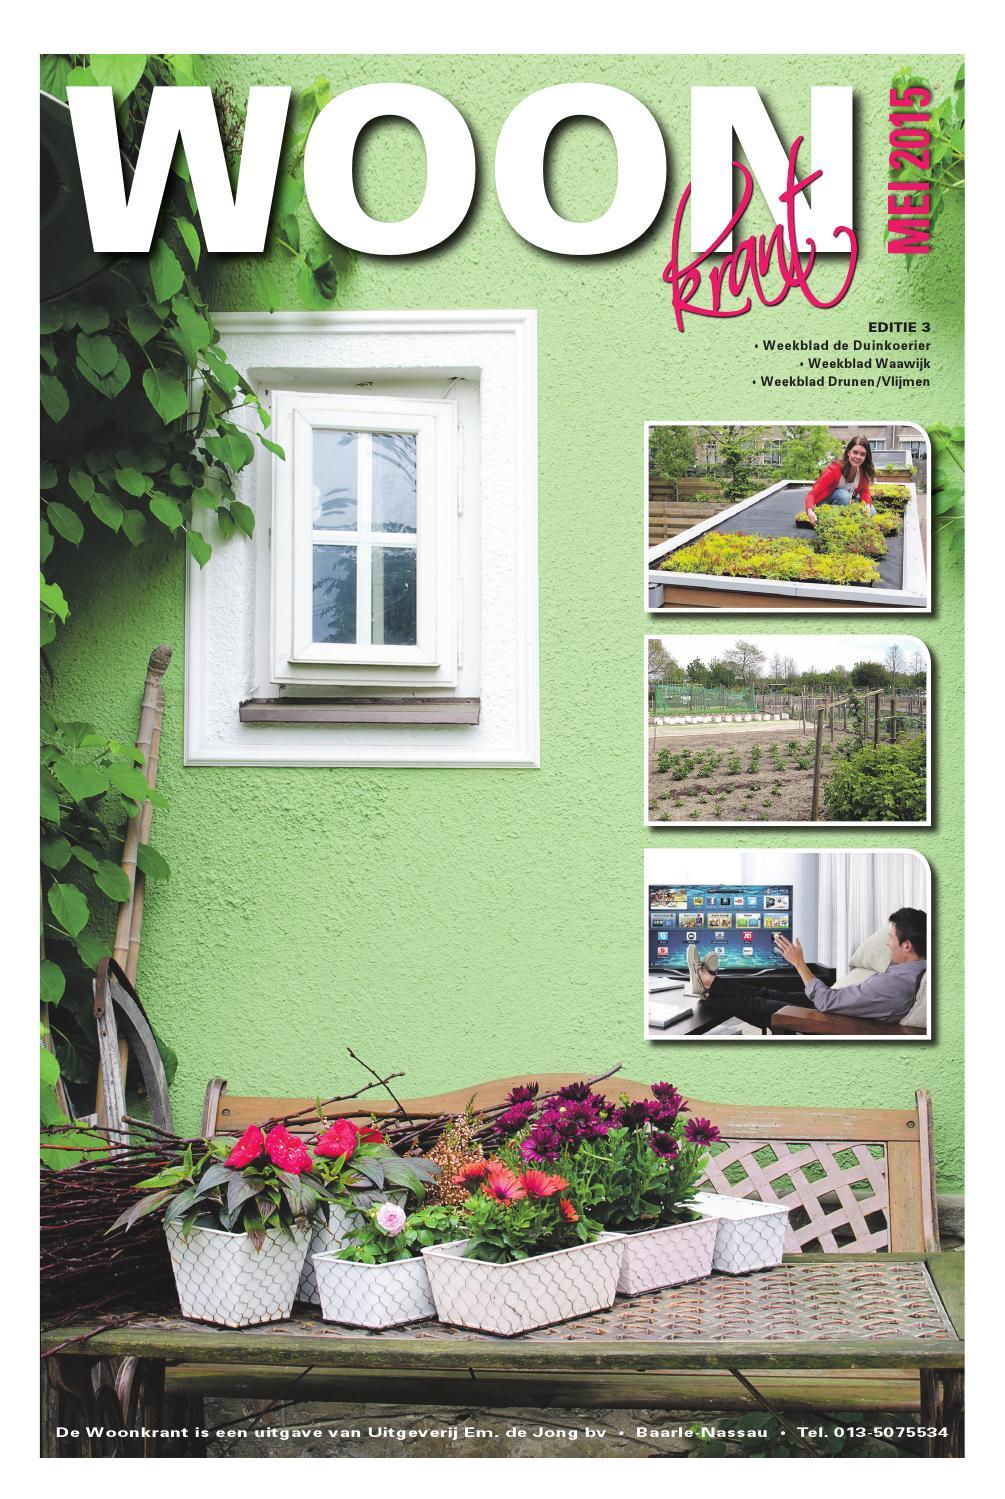 Woonkrant mei 2015 editie 3 by uitgeverij em de jong issuu for Nassau indus deur bv oosterhout